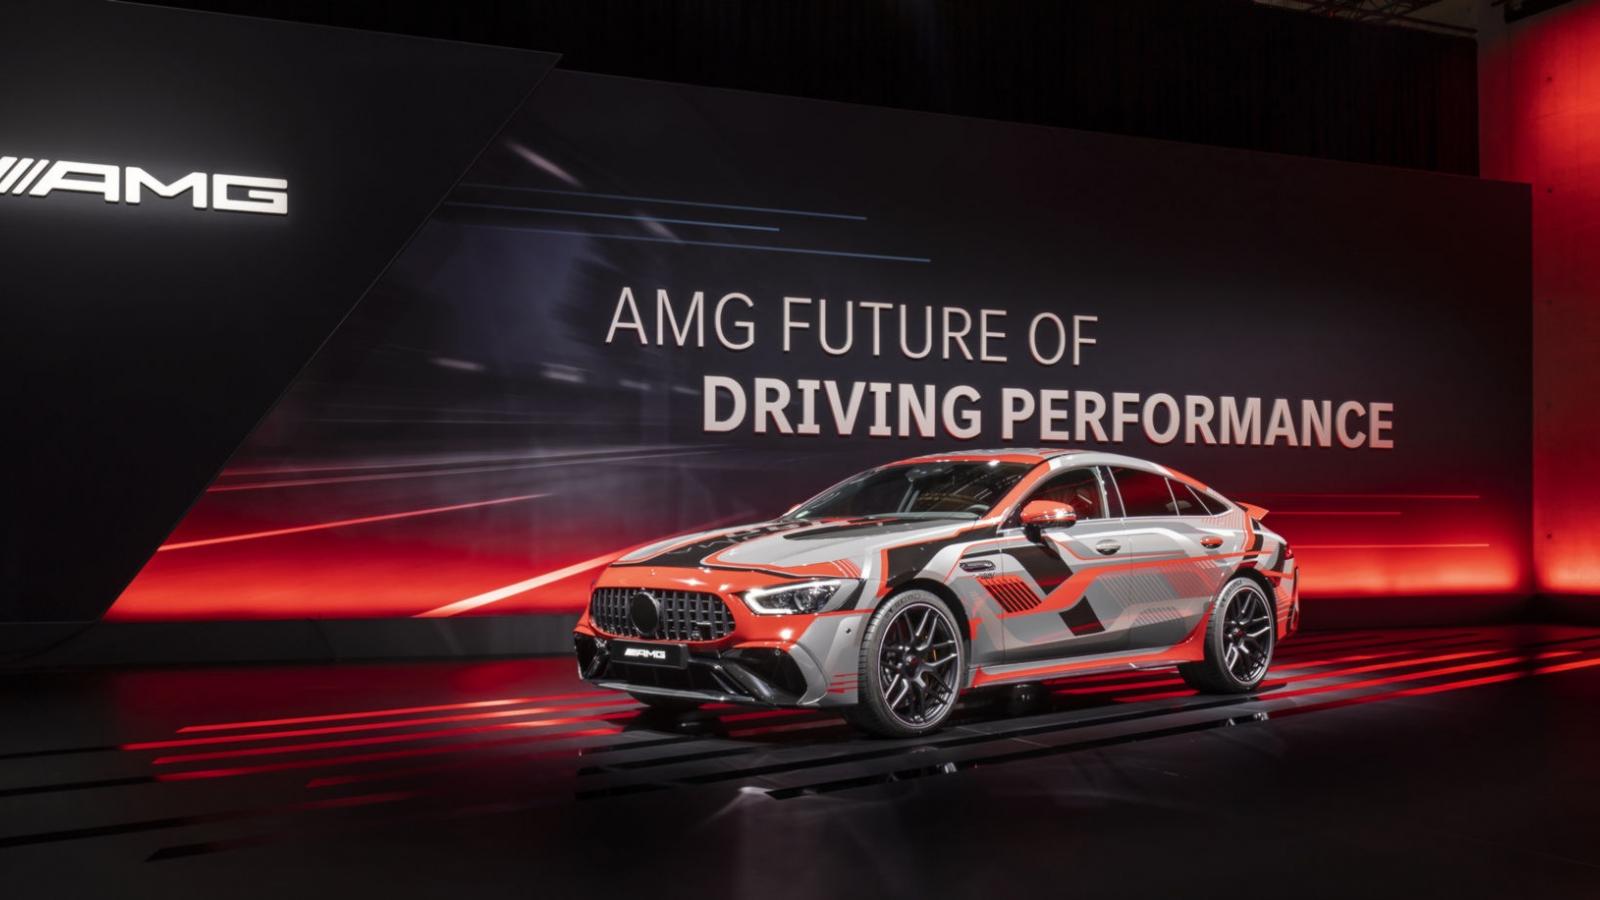 Những mẫu EV sắp tới của Mercedes-AMG có sức mạnh vô cùng ấn tượng